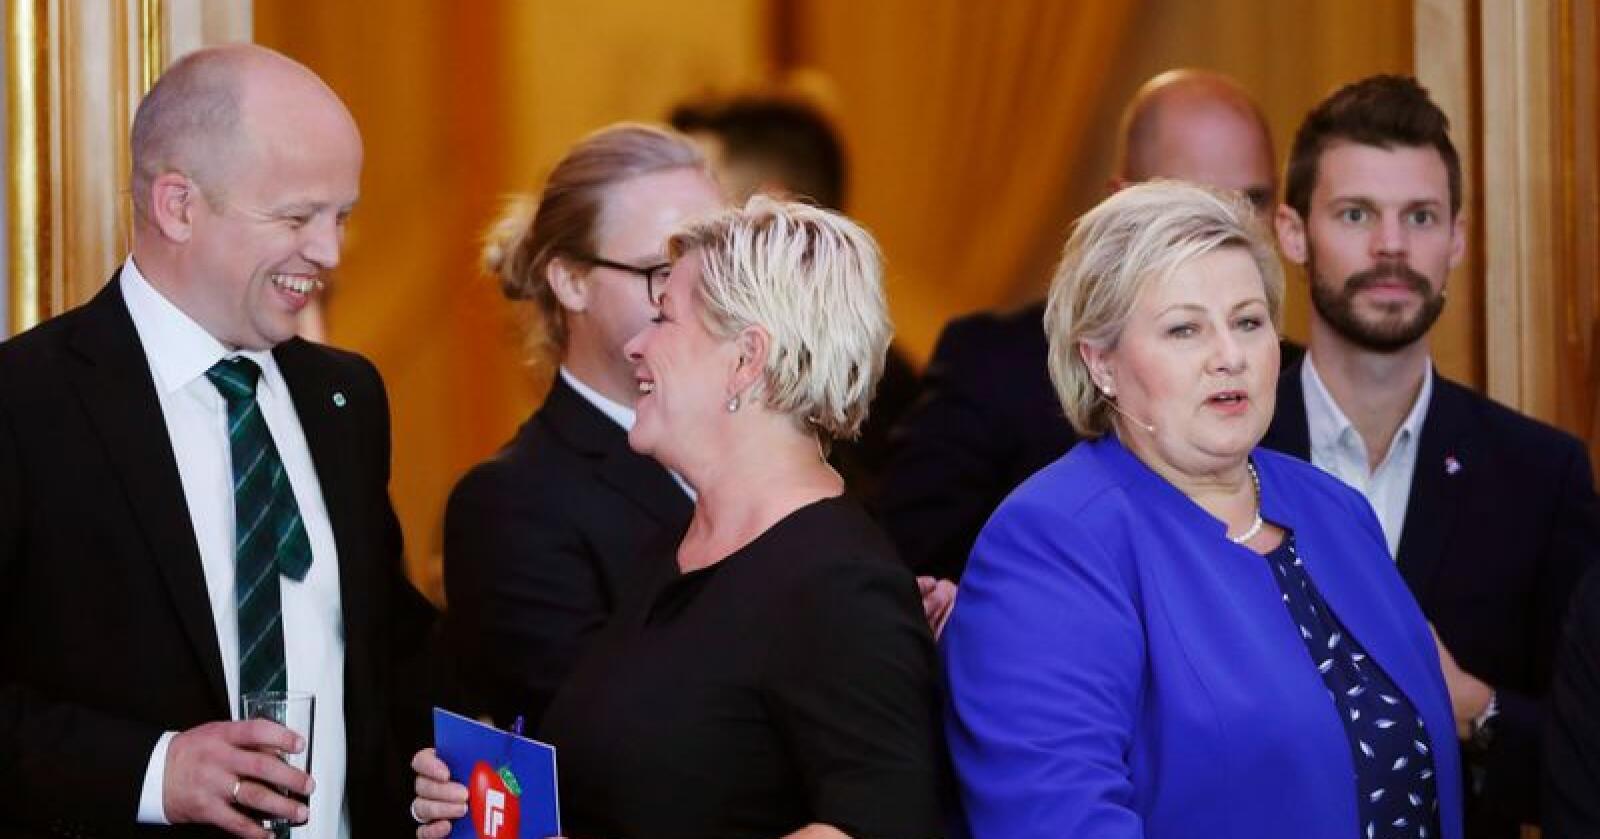 Sp-leder Trygve Slagsvold Vedum er som regel uenig med Frp-leder Siv Jensen og statsminister Erna Solberg (H) nasjonalt, men i kommunene får hans ordførere oftere støtte fra disse to enn fra Ap og SV. Foto: Terje Bendiksby / NTB scanpix